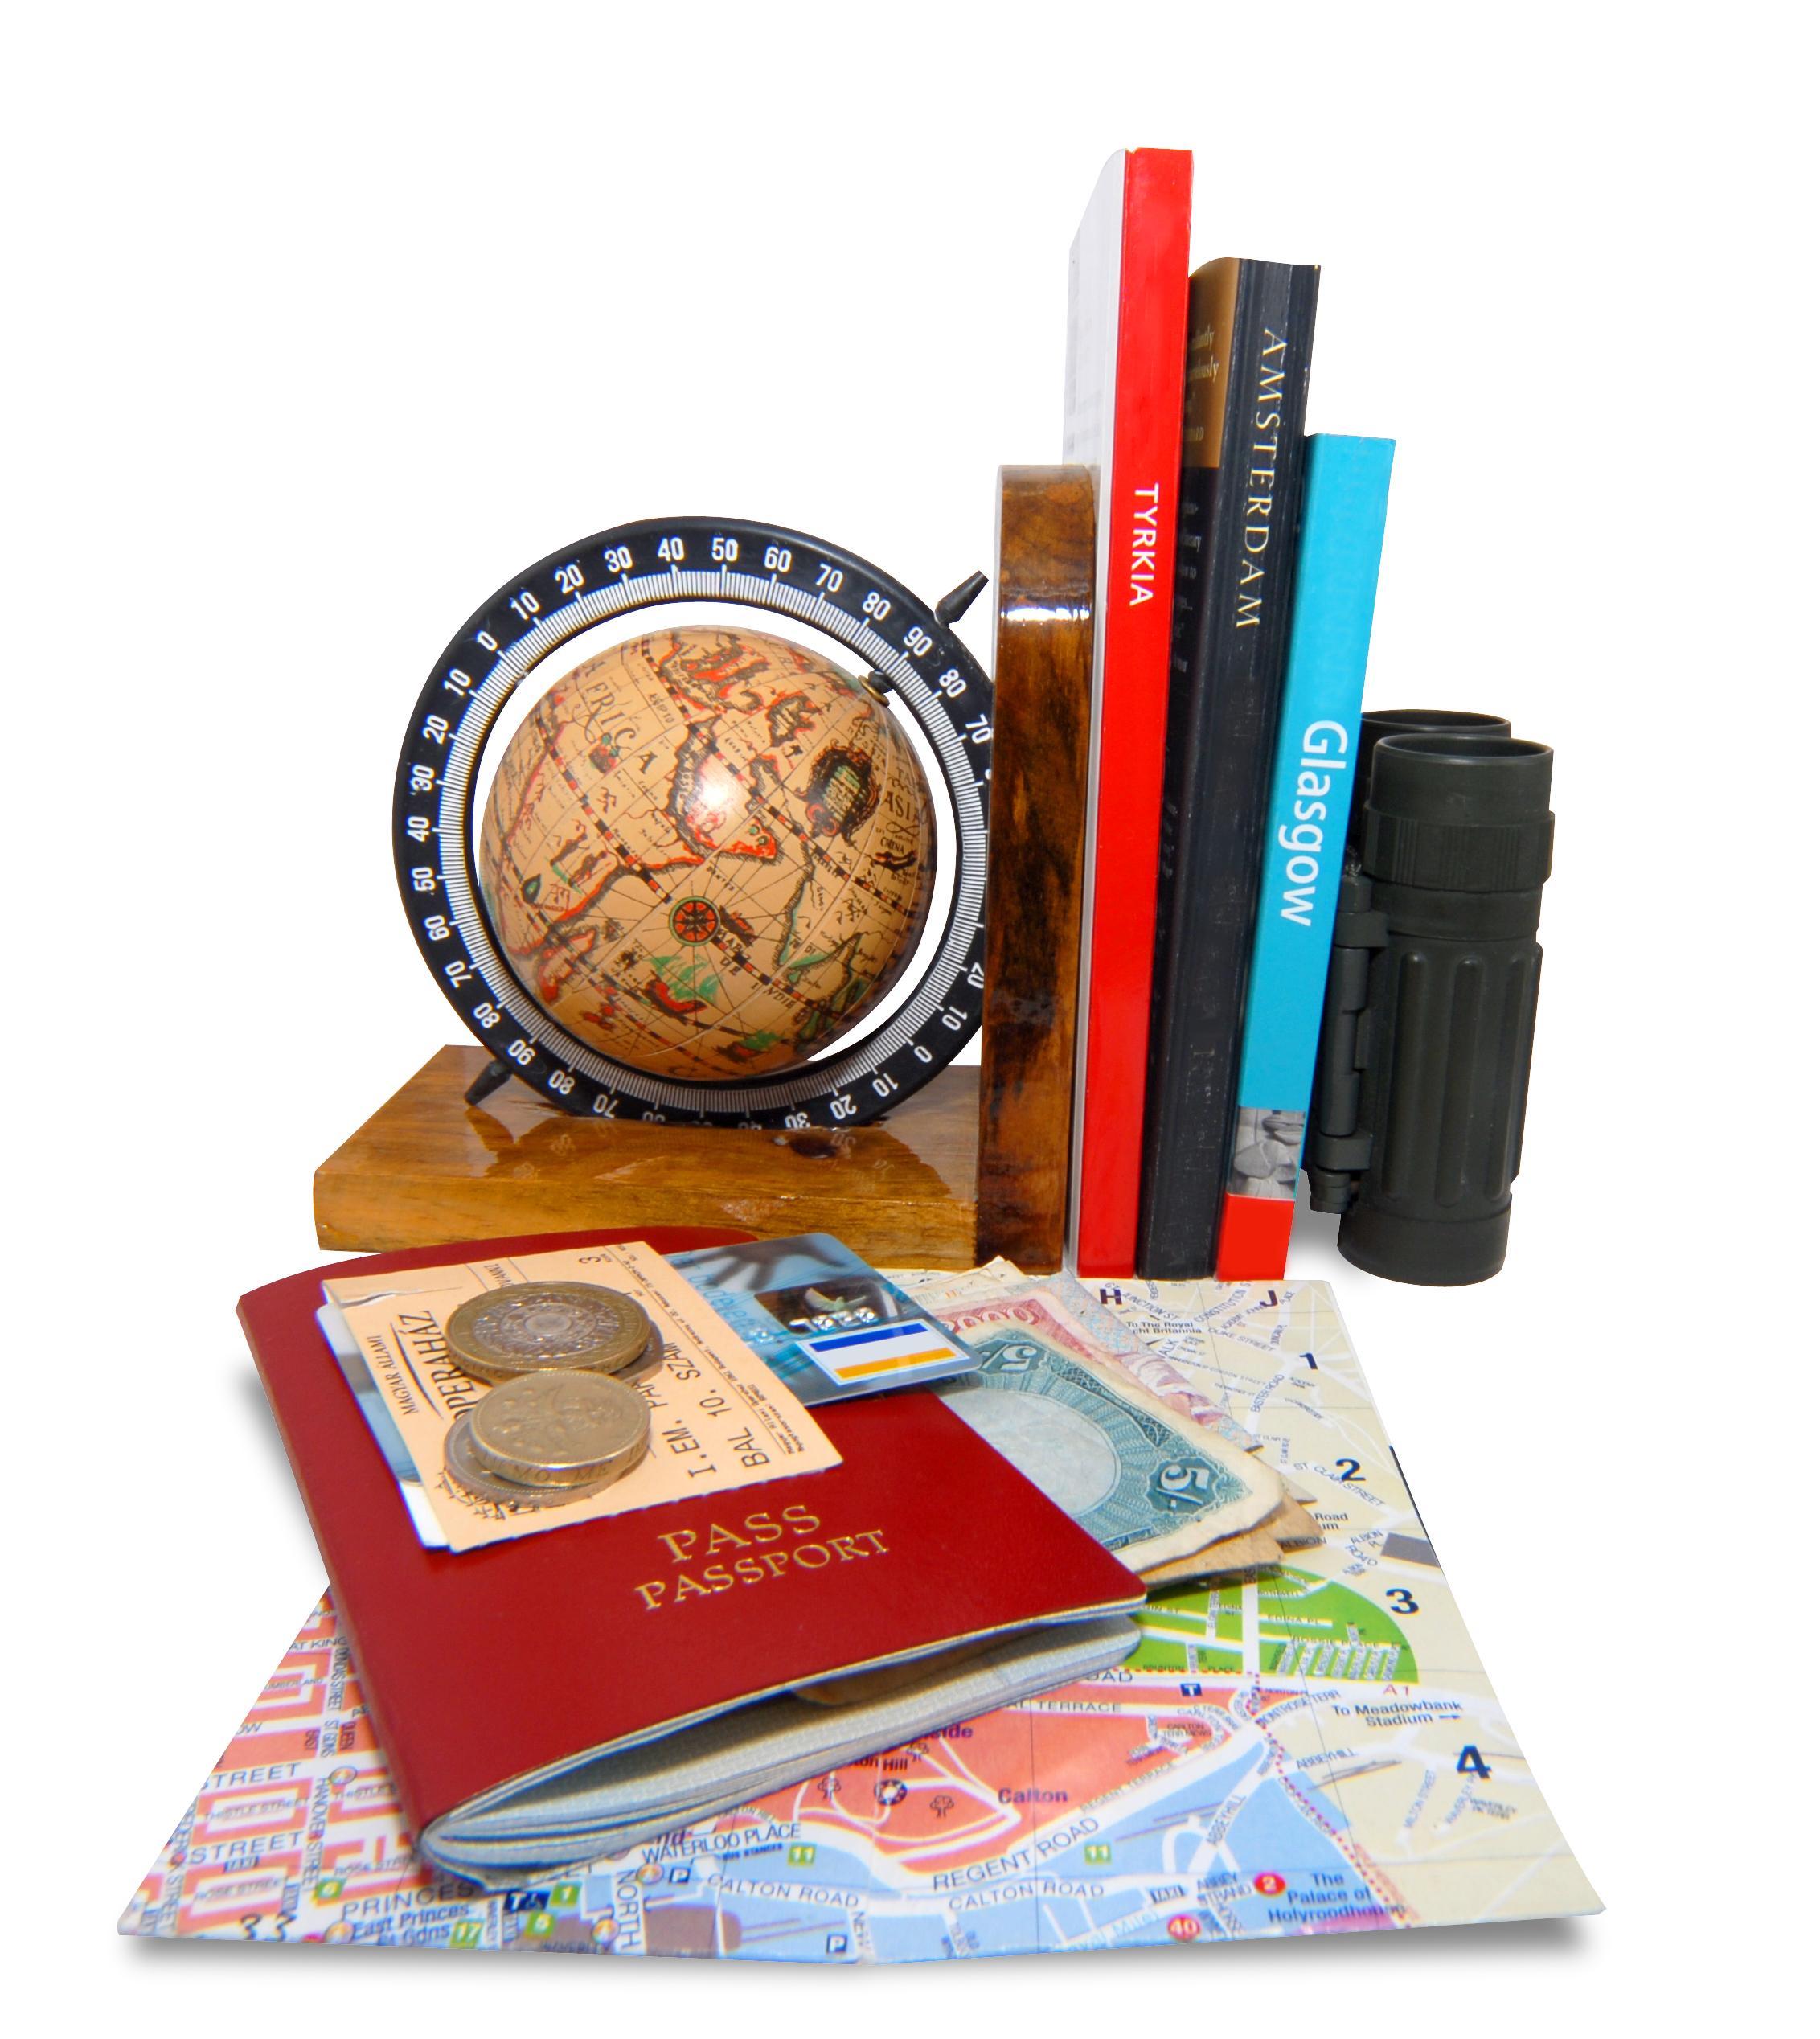 Studien- und Bildungsreisen – Kulturtourismus liegt weltweit im Trend